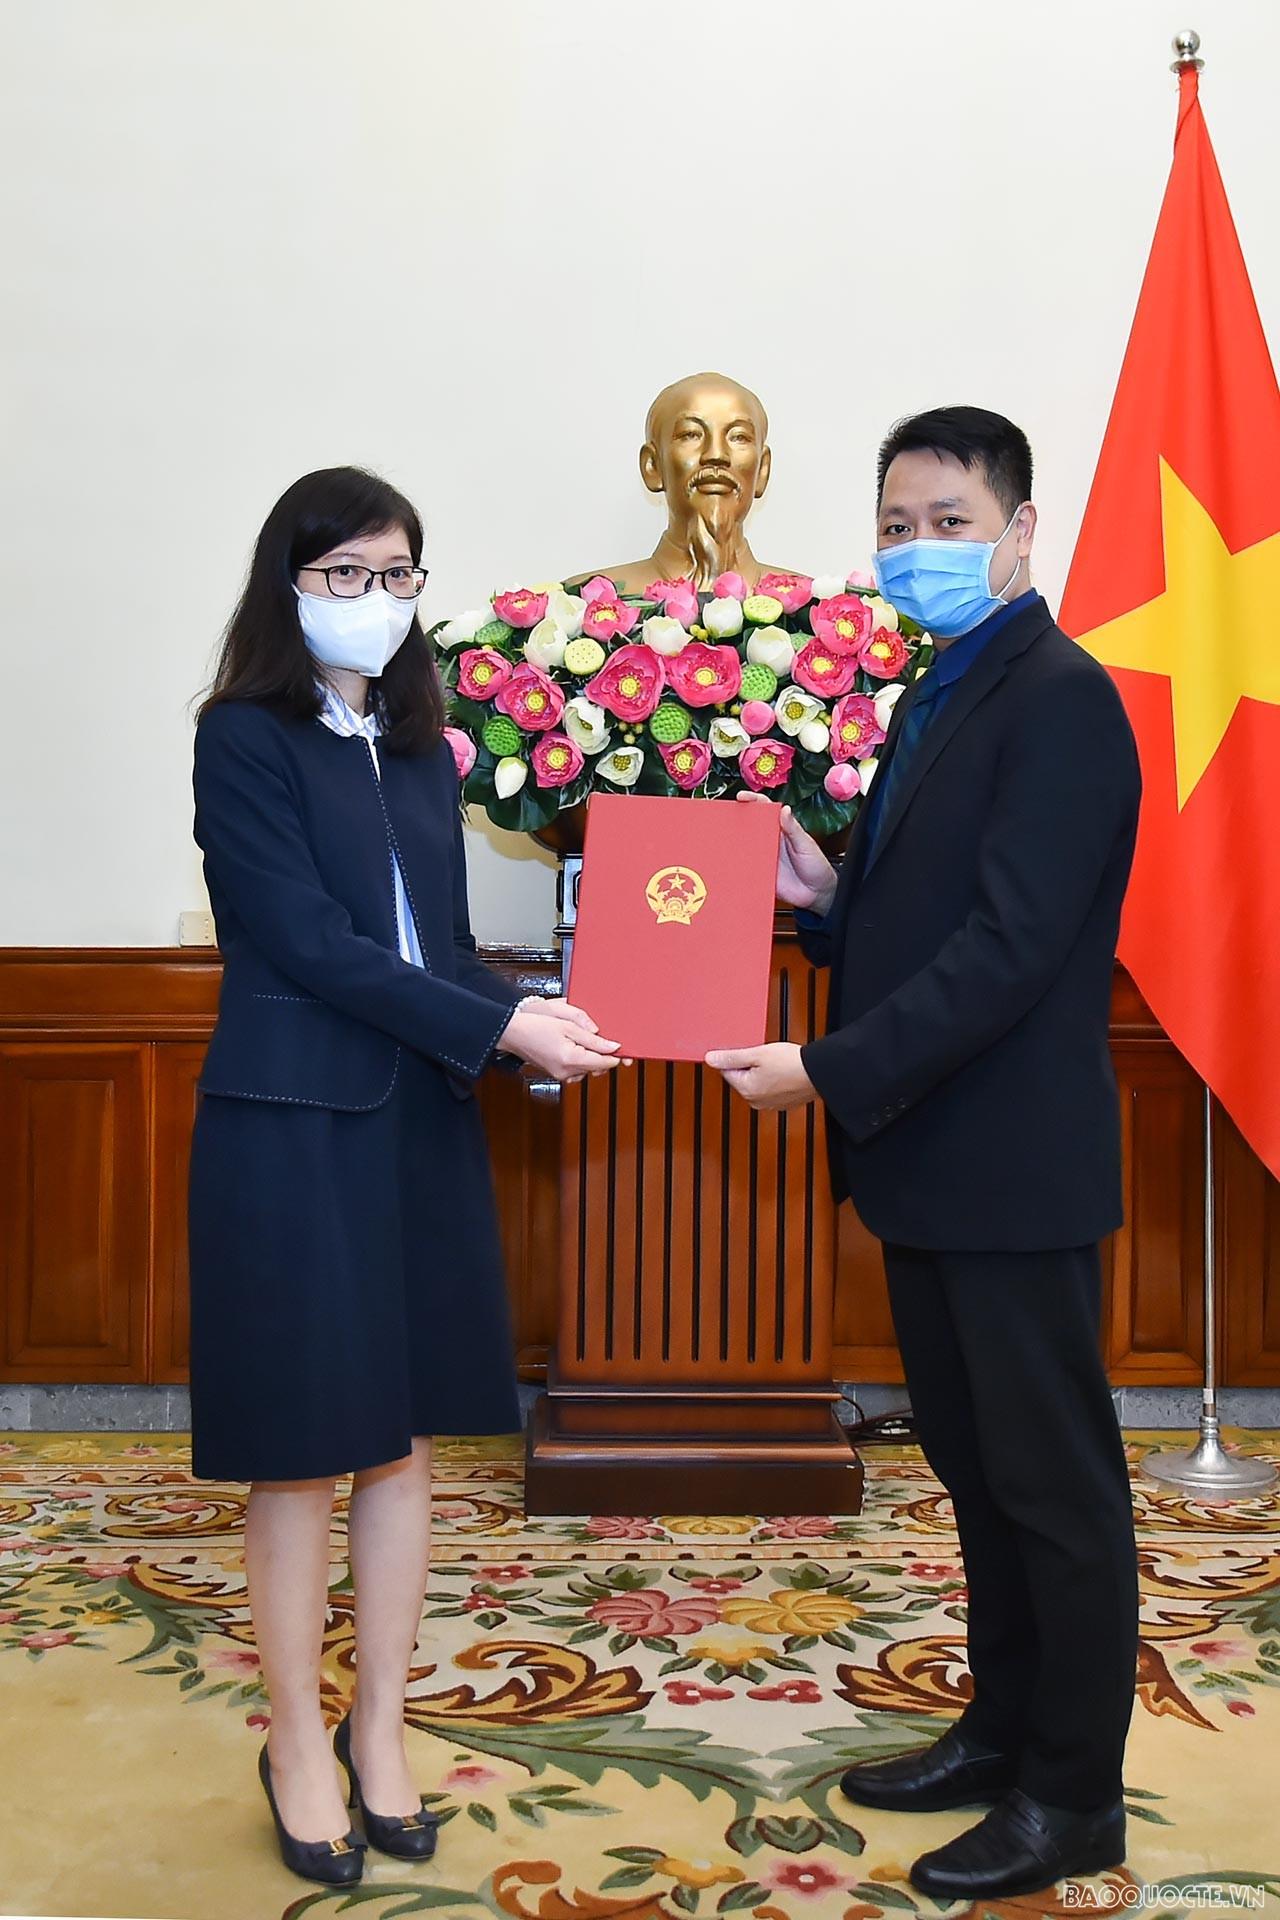 Phó Vụ trưởng phụ trách Vụ Tổ chức Cán bộ Nguyễn Việt Anh đã trao quyết định công nhận bà Phan Thị Minh Giang, là Tập sự Phó Cục trưởng, Cục Lãnh sự.